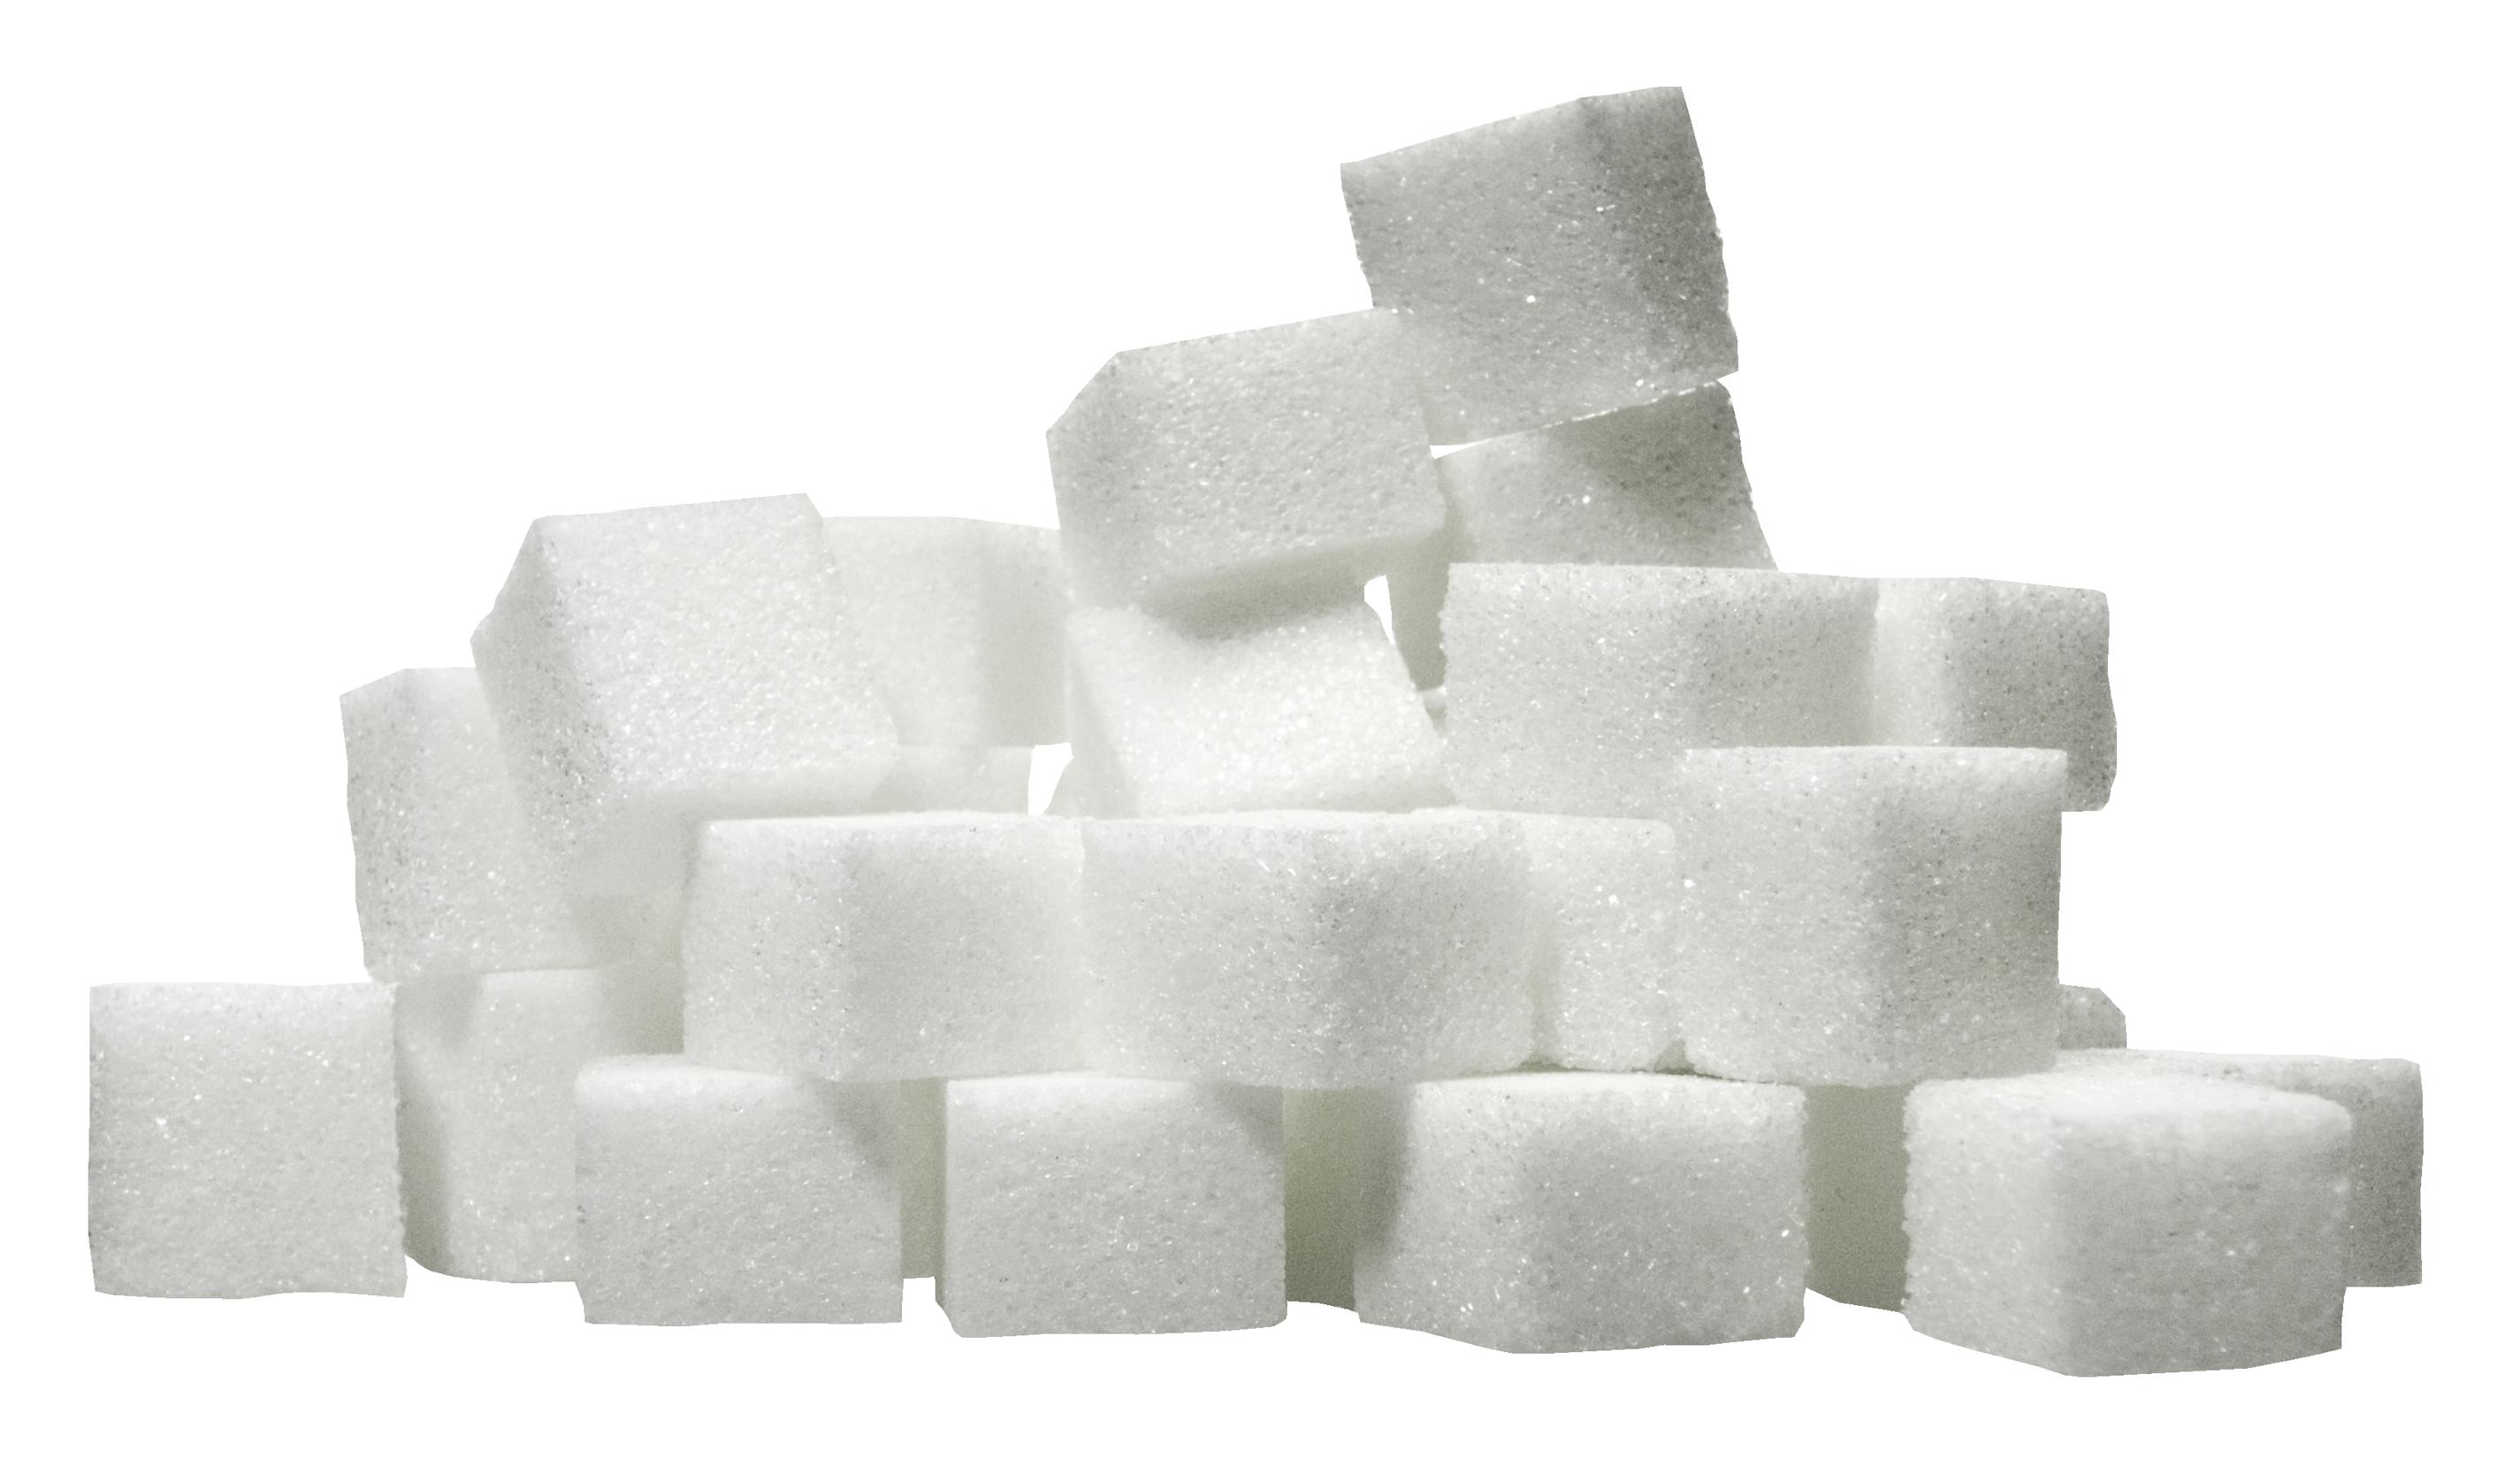 Sugar Cube PNG Image